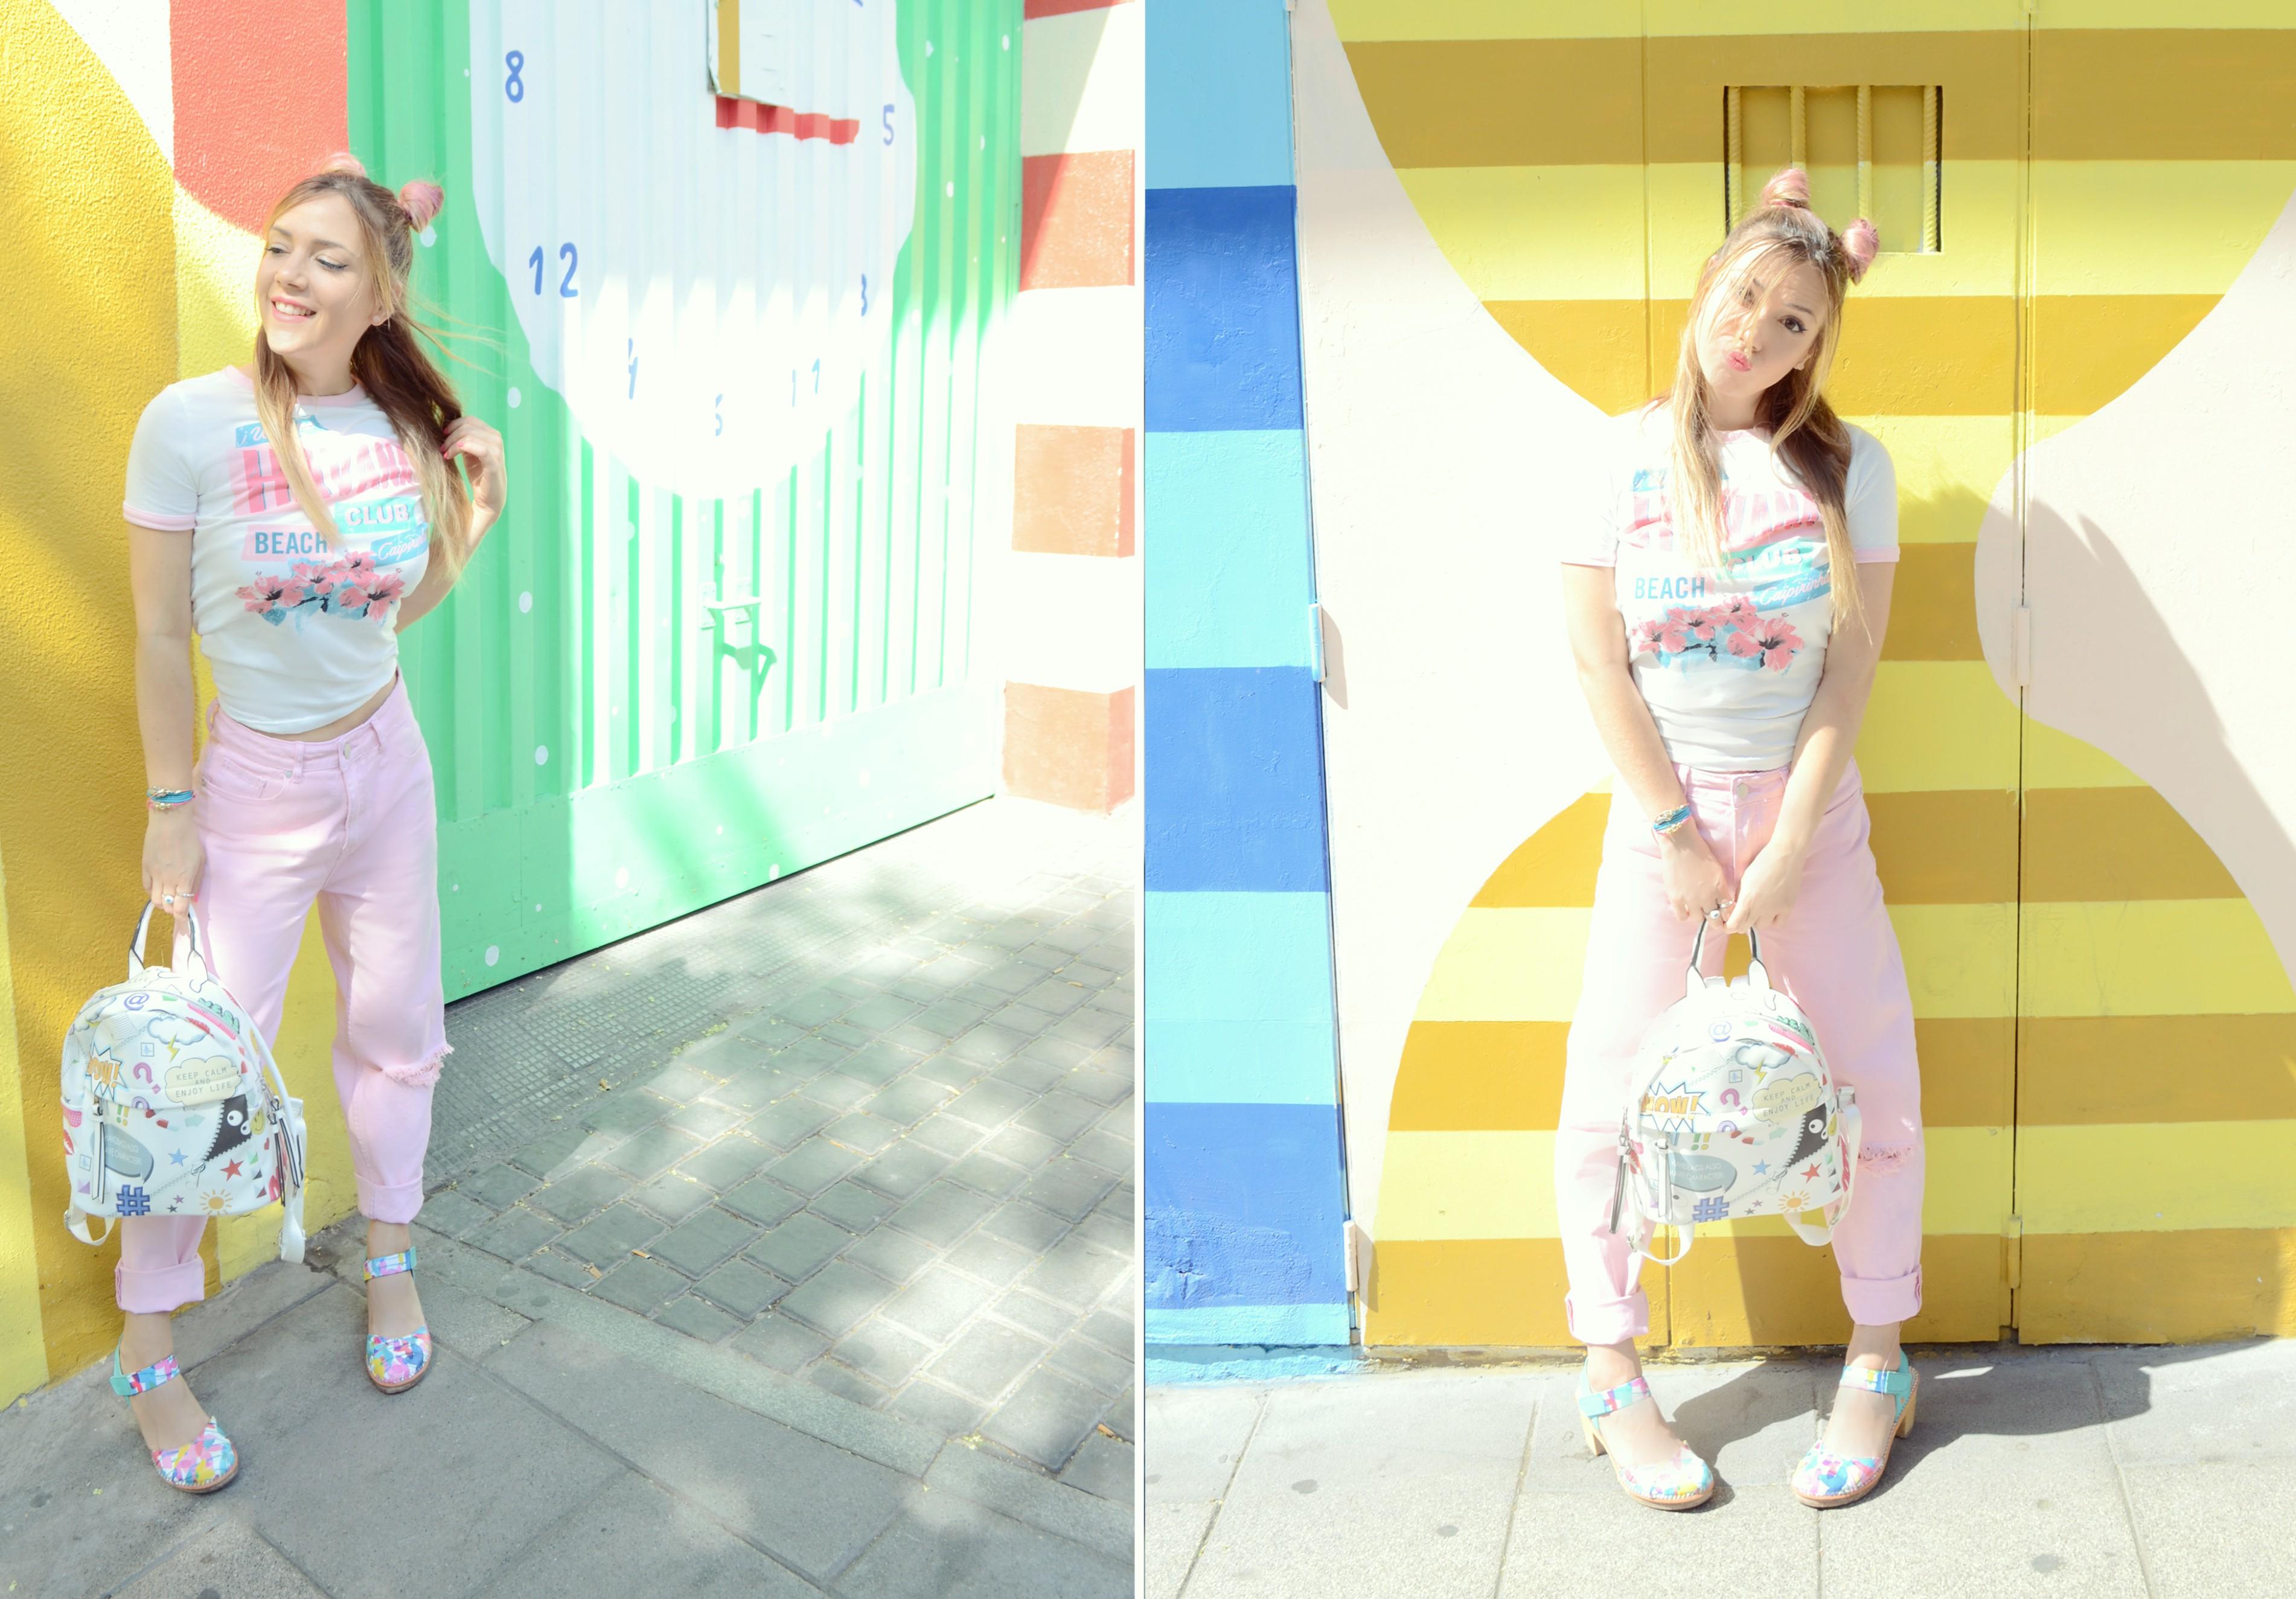 Fashionista-blog-de-moda-ChicAdicta-influencer-Chic-Adicta-theartcompany-zapatos-look-rosa-bolsos-pepemoll-PiensaenChic-Piensa-en-Chic